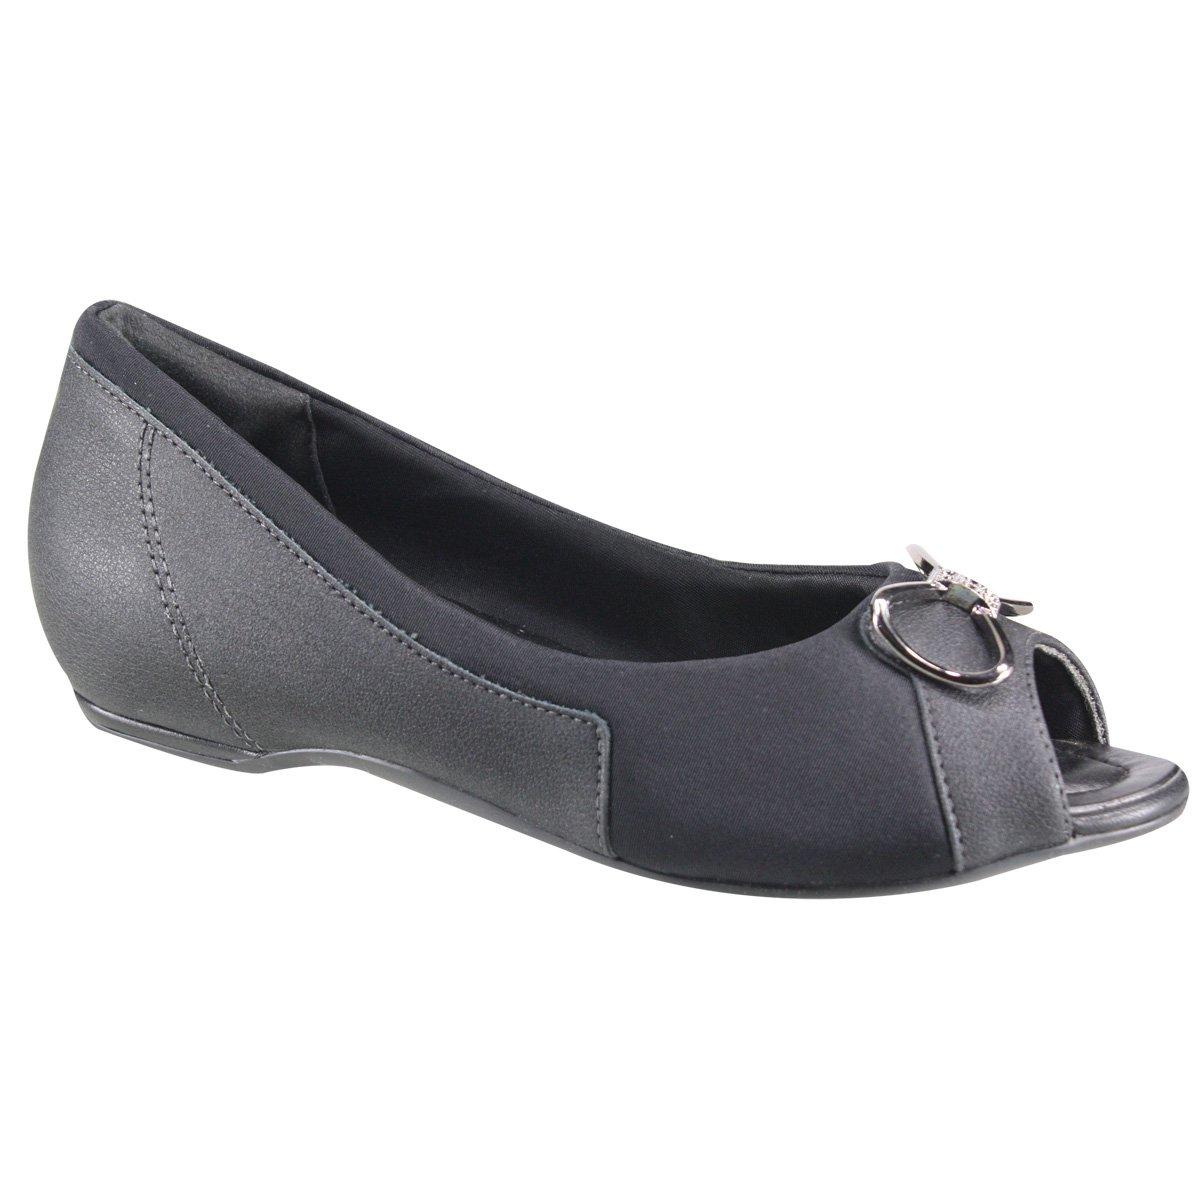 6d599d028 Sapato Feminino Comfortflex Peep Toe 18-76304 000008 Preto (Napa Vestuário  Plus)